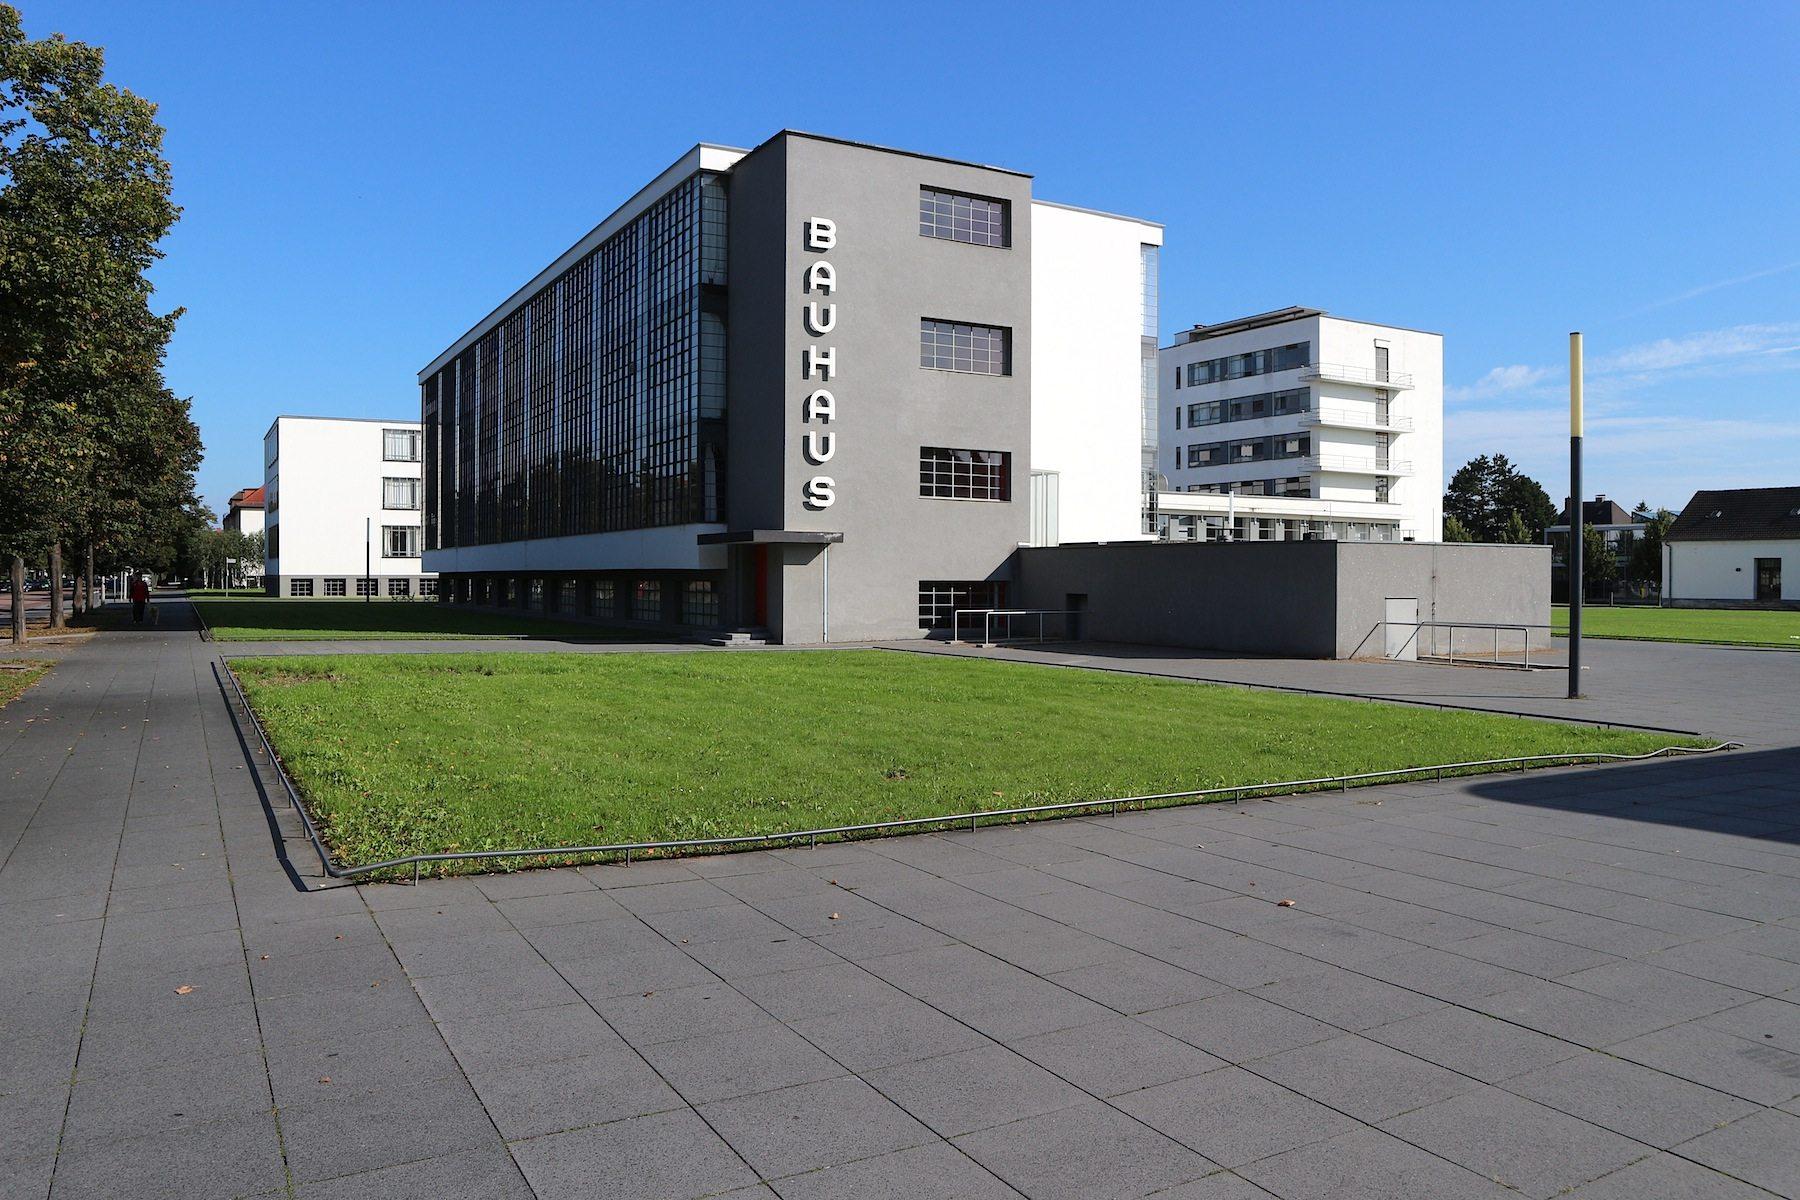 Werkstattflügel. Des Bauhausgebäudes mit dem Besucherzentrum, den Flächen für Sonderausstellungen und dem Café-Bistro.